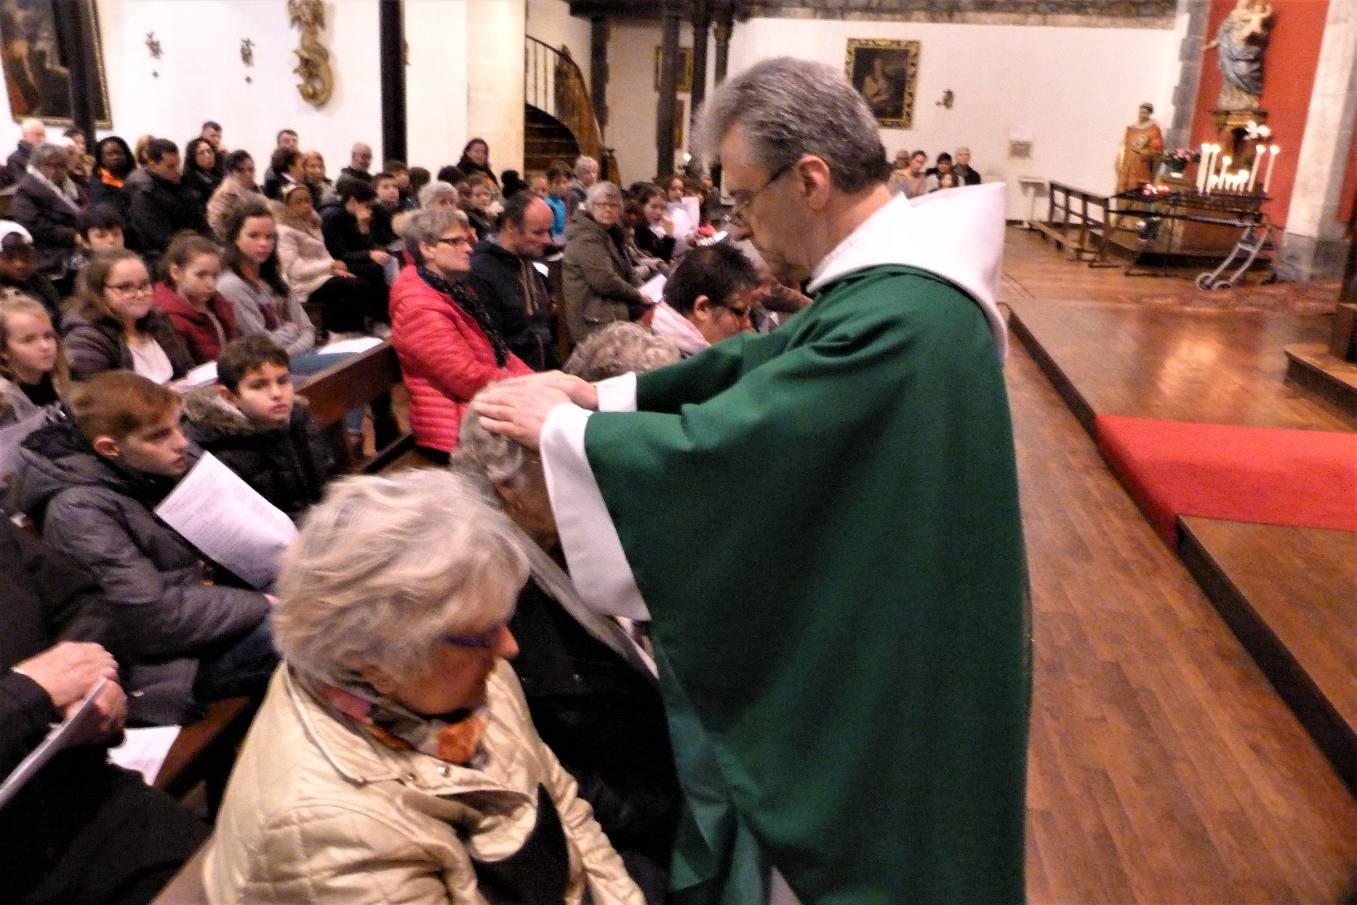 L'imposition des mains rappelle l'attention et la tendresse de Jésus Christ envers les personnes malades.